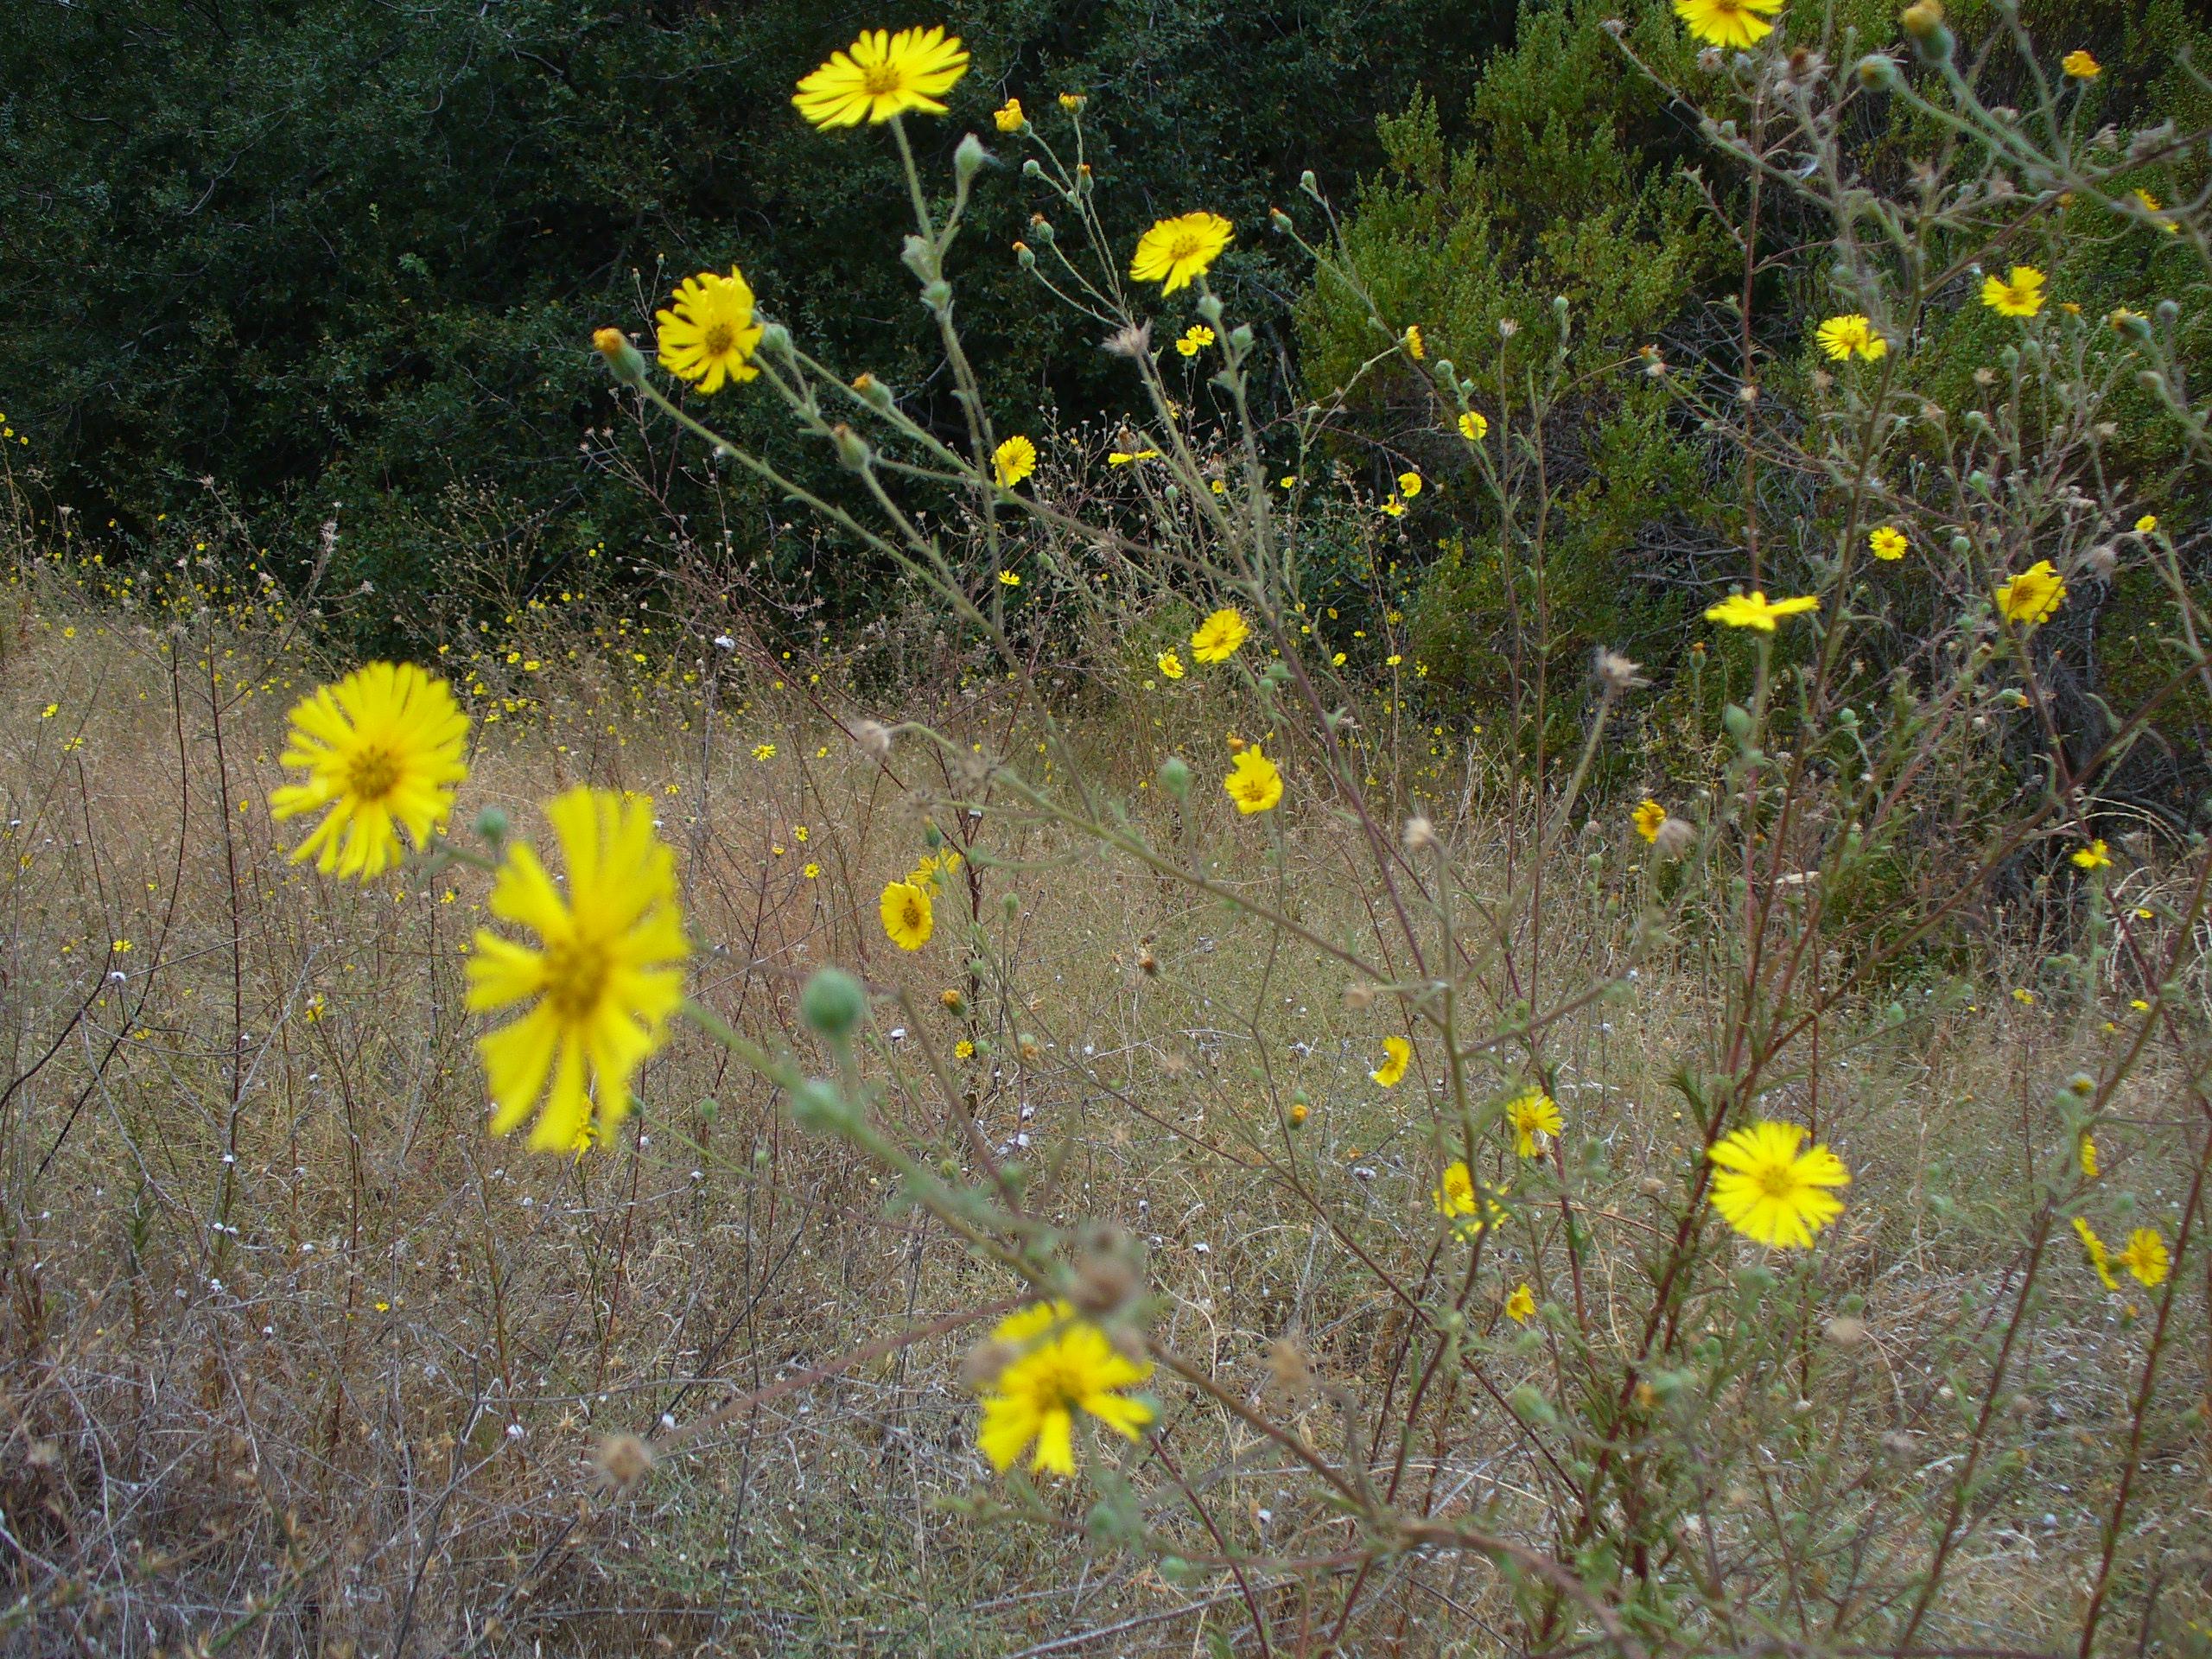 yellow-flower-ARP-20190928-061